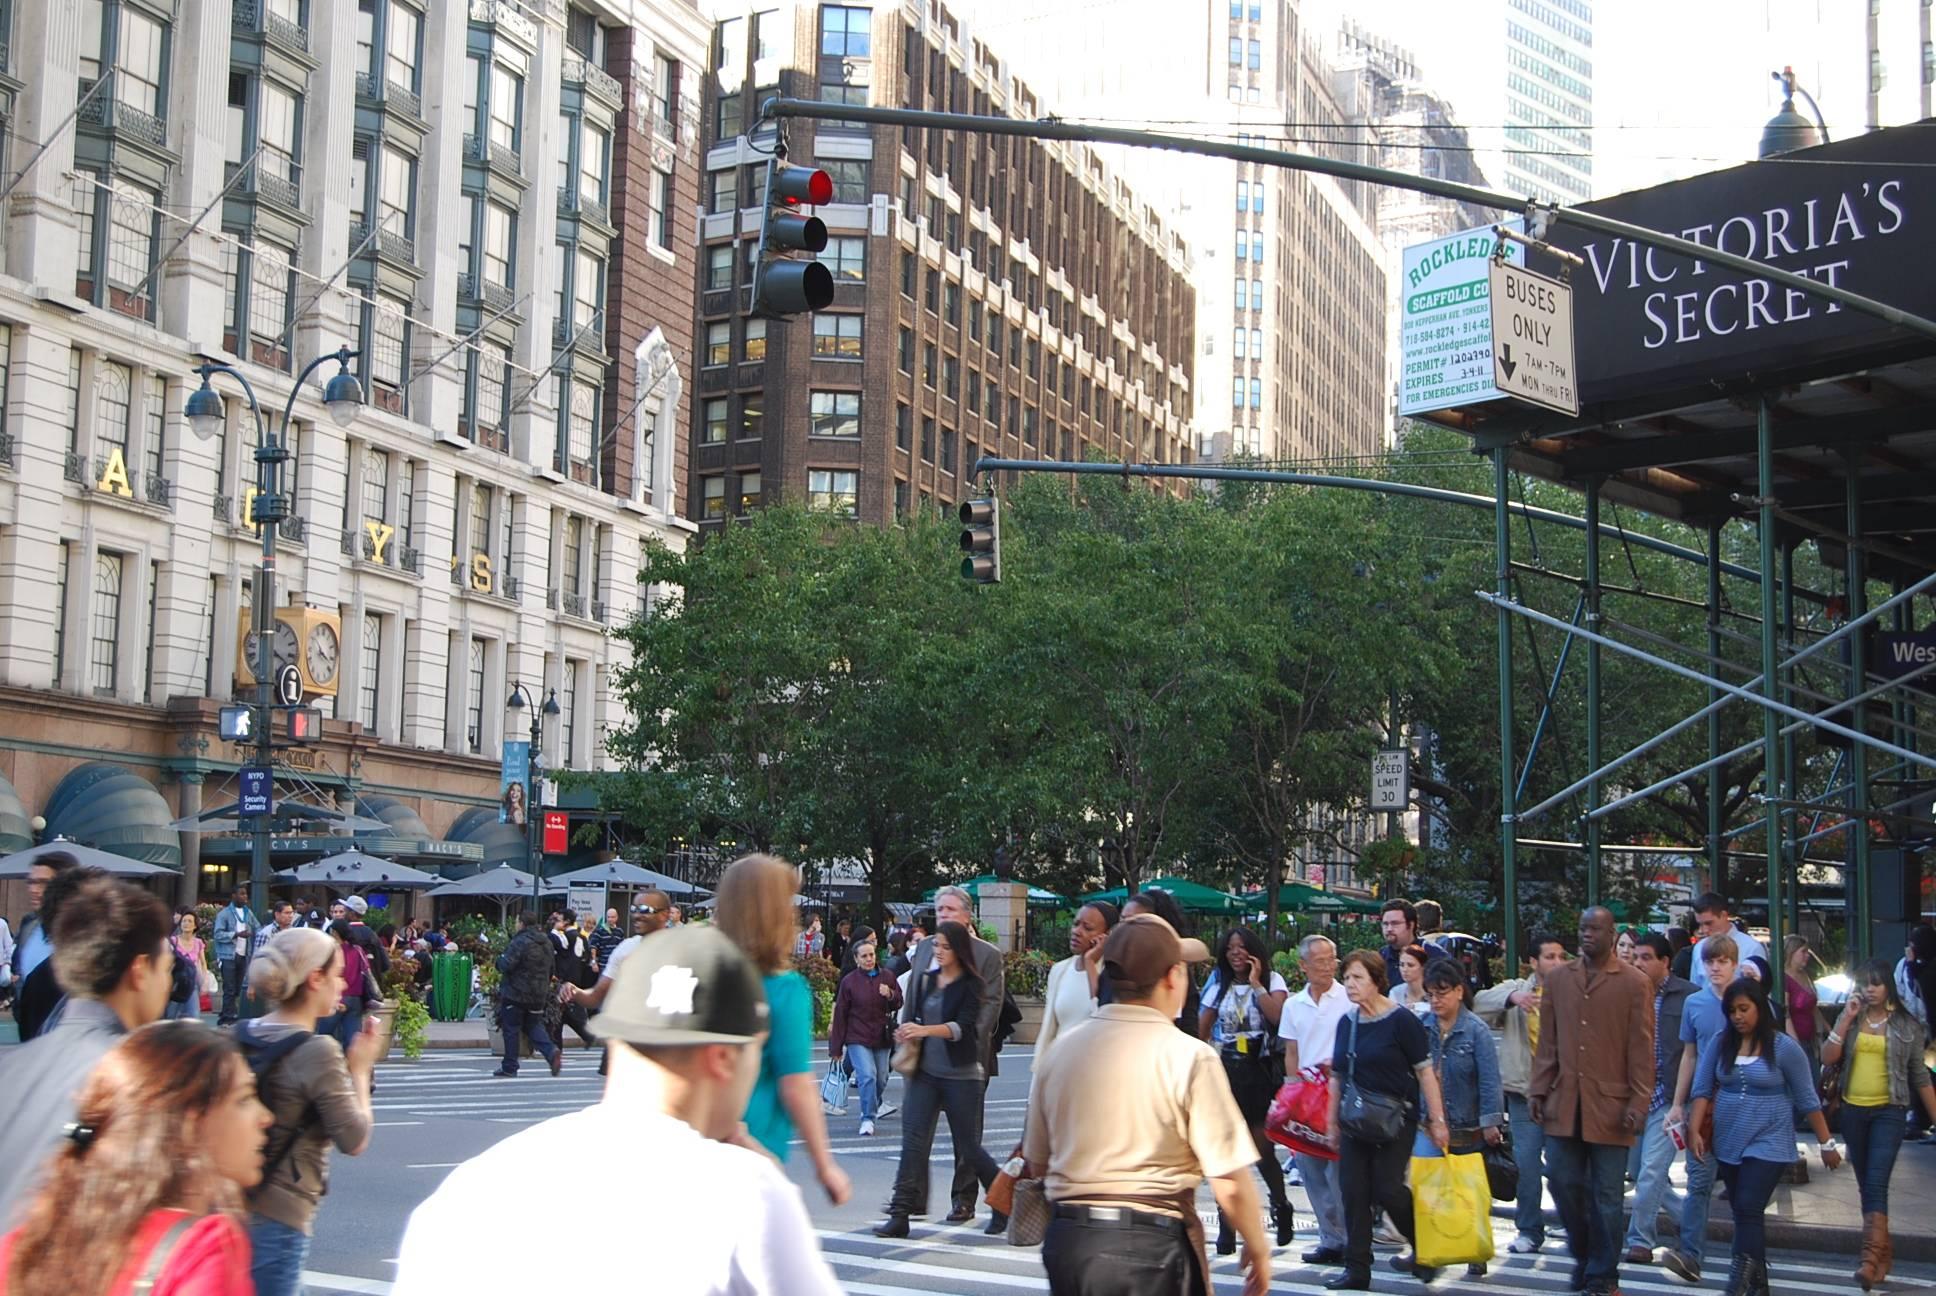 Минимальная и средняя зарплата в нью-йорке 2021 года: доходы местных жителей и мигрантов